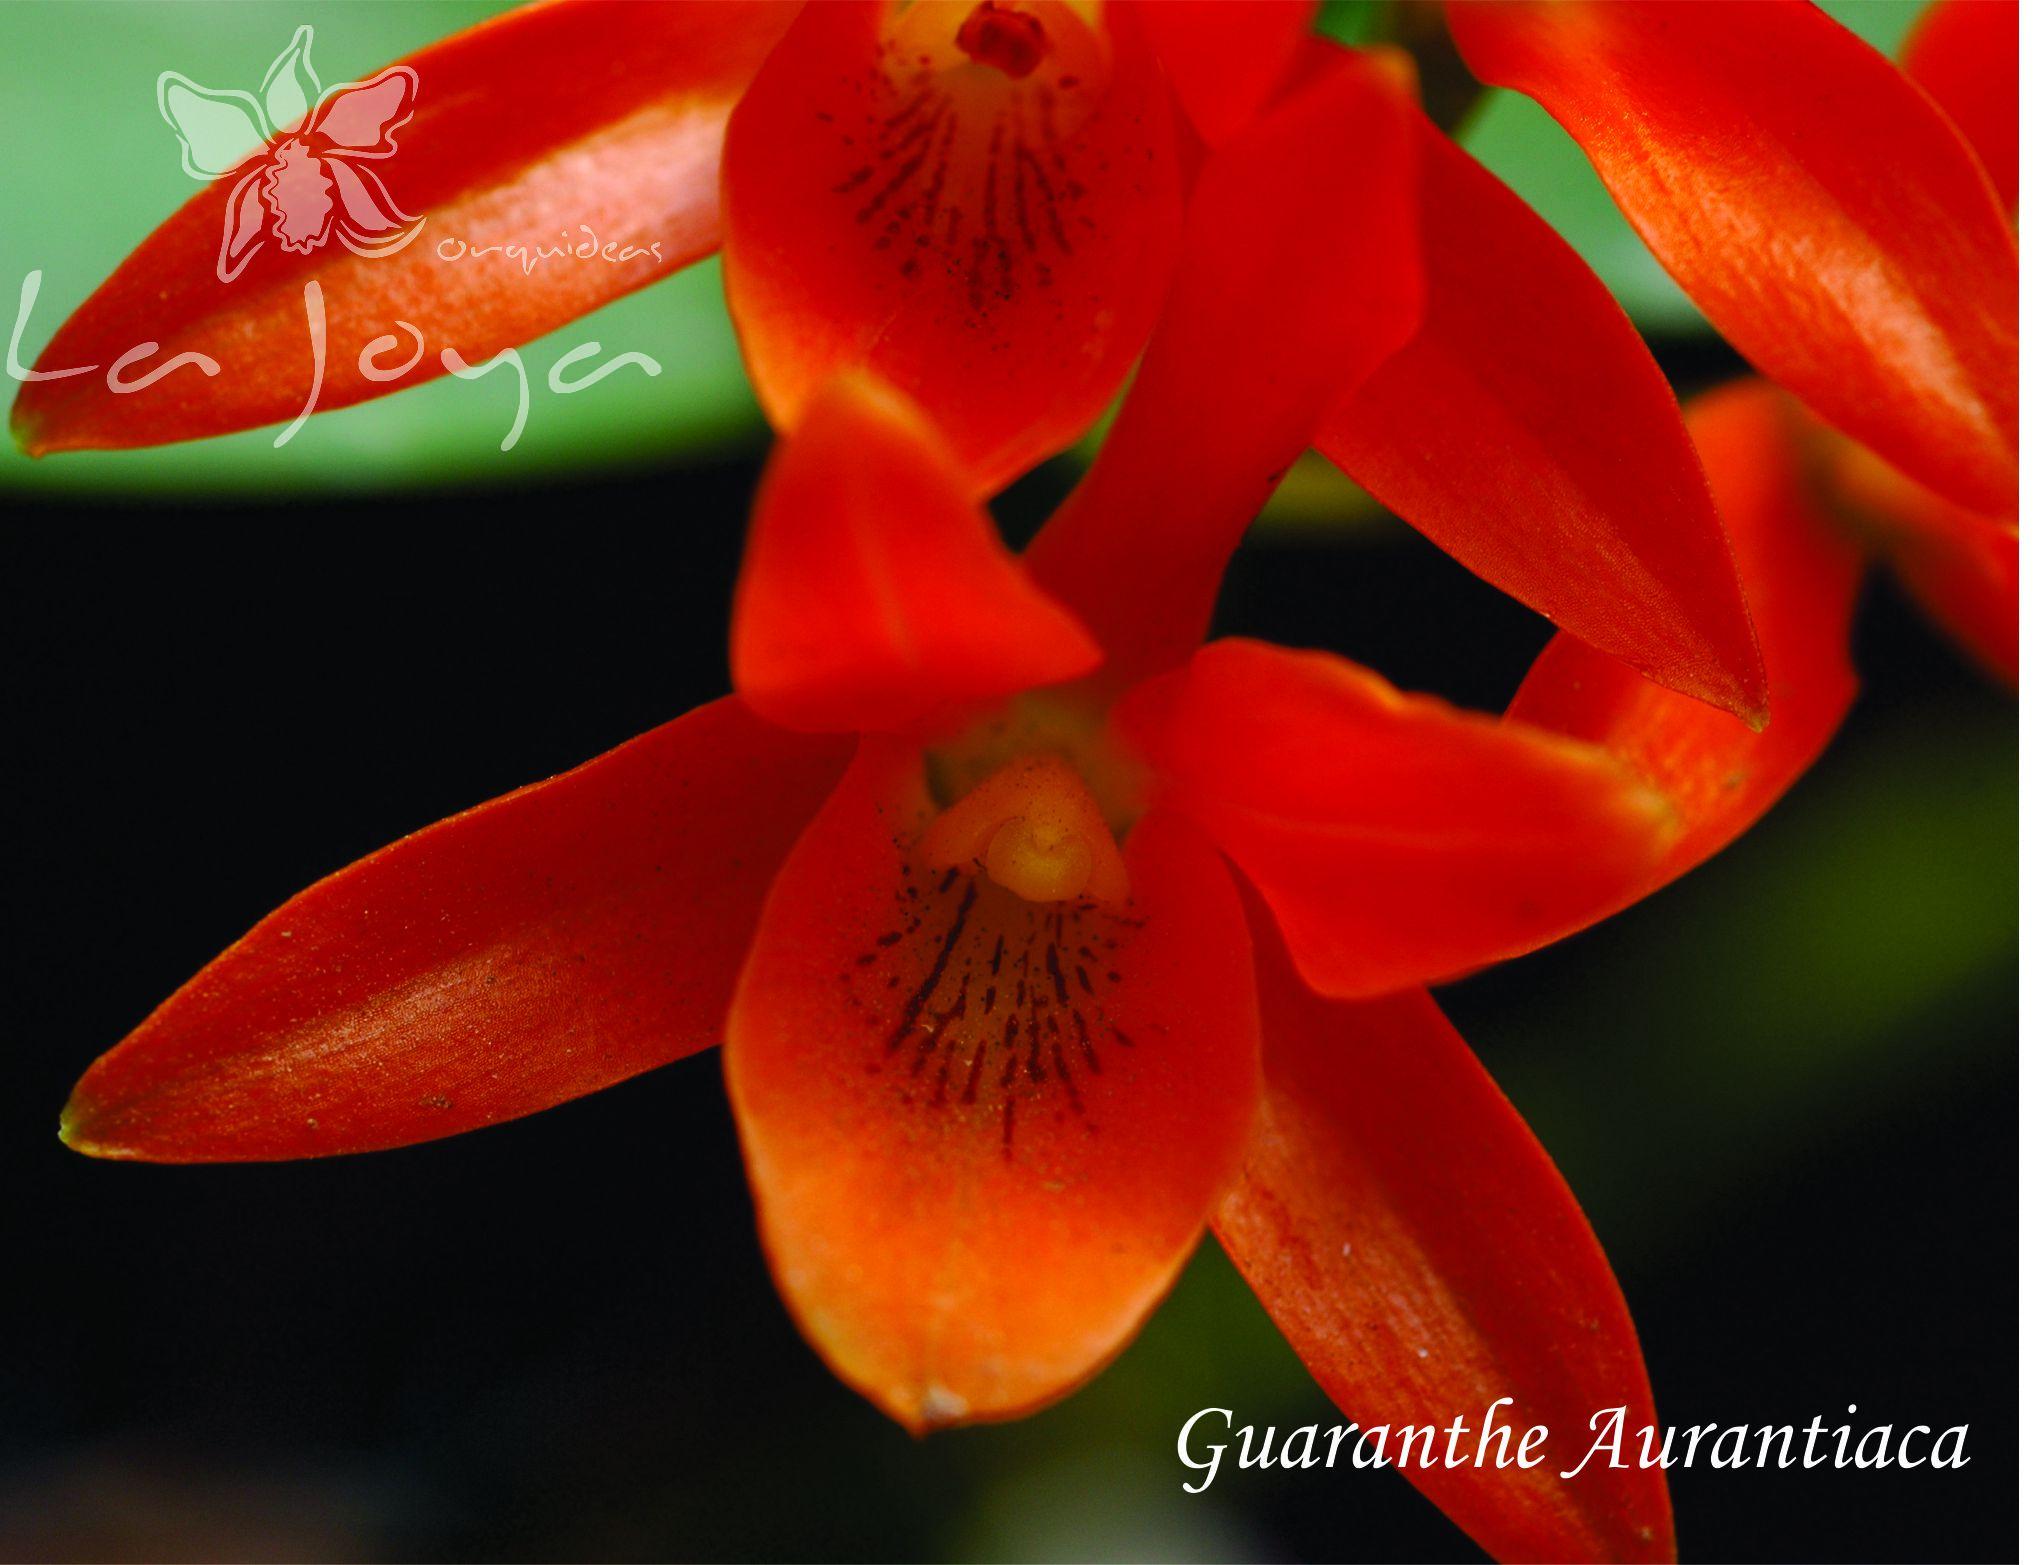 Guaranthe Aurantiaca